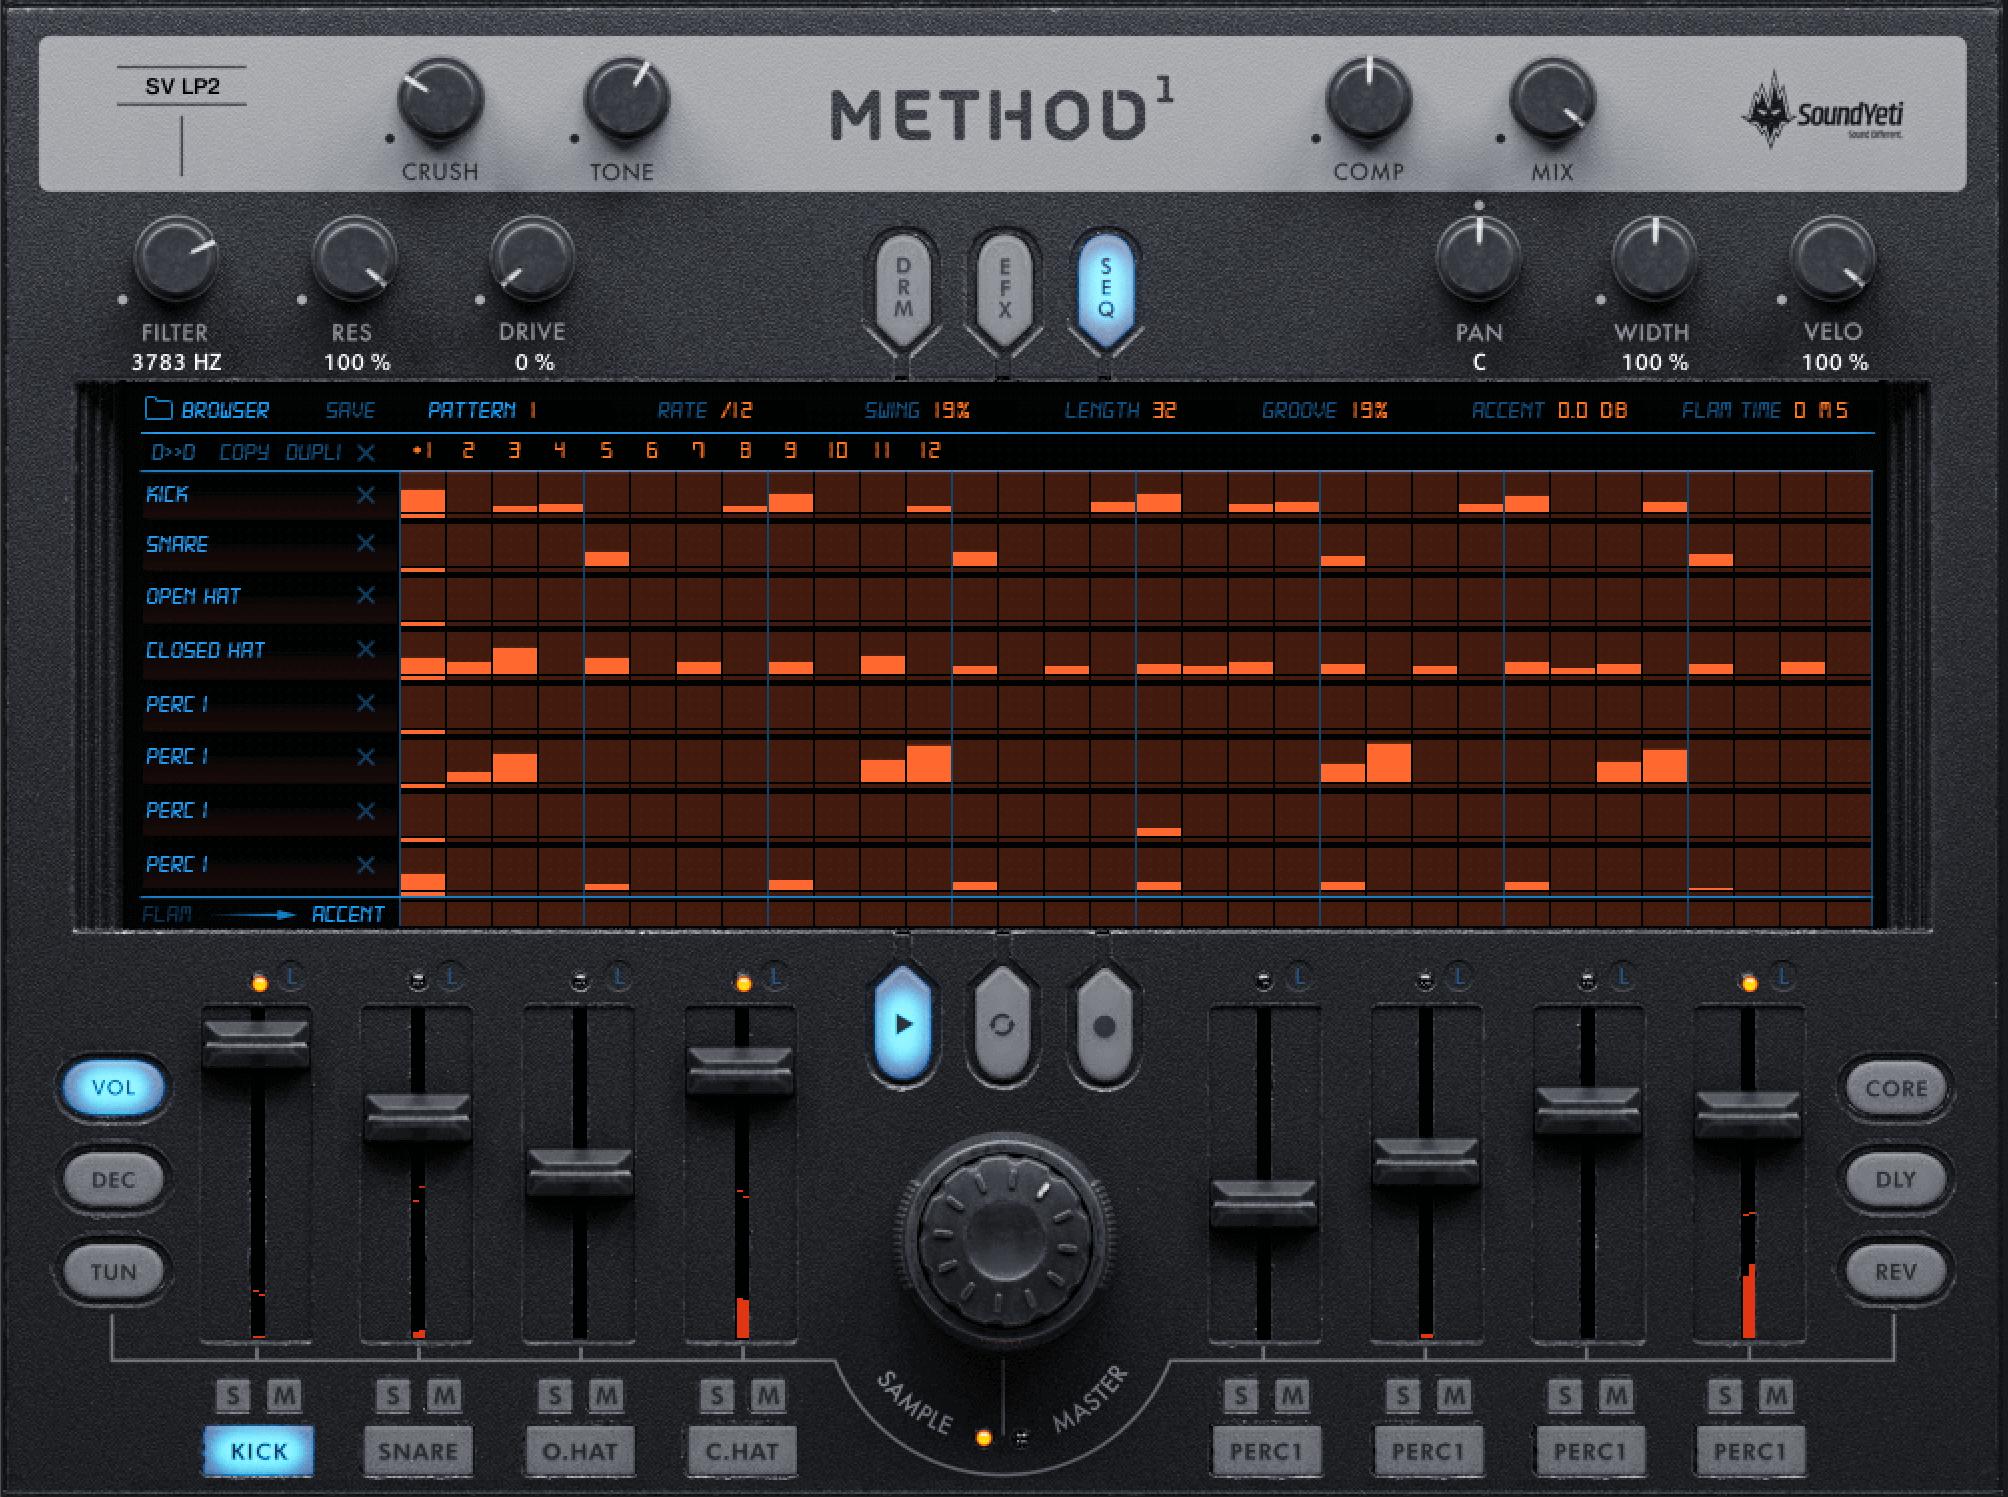 Method 1 Drum Machine